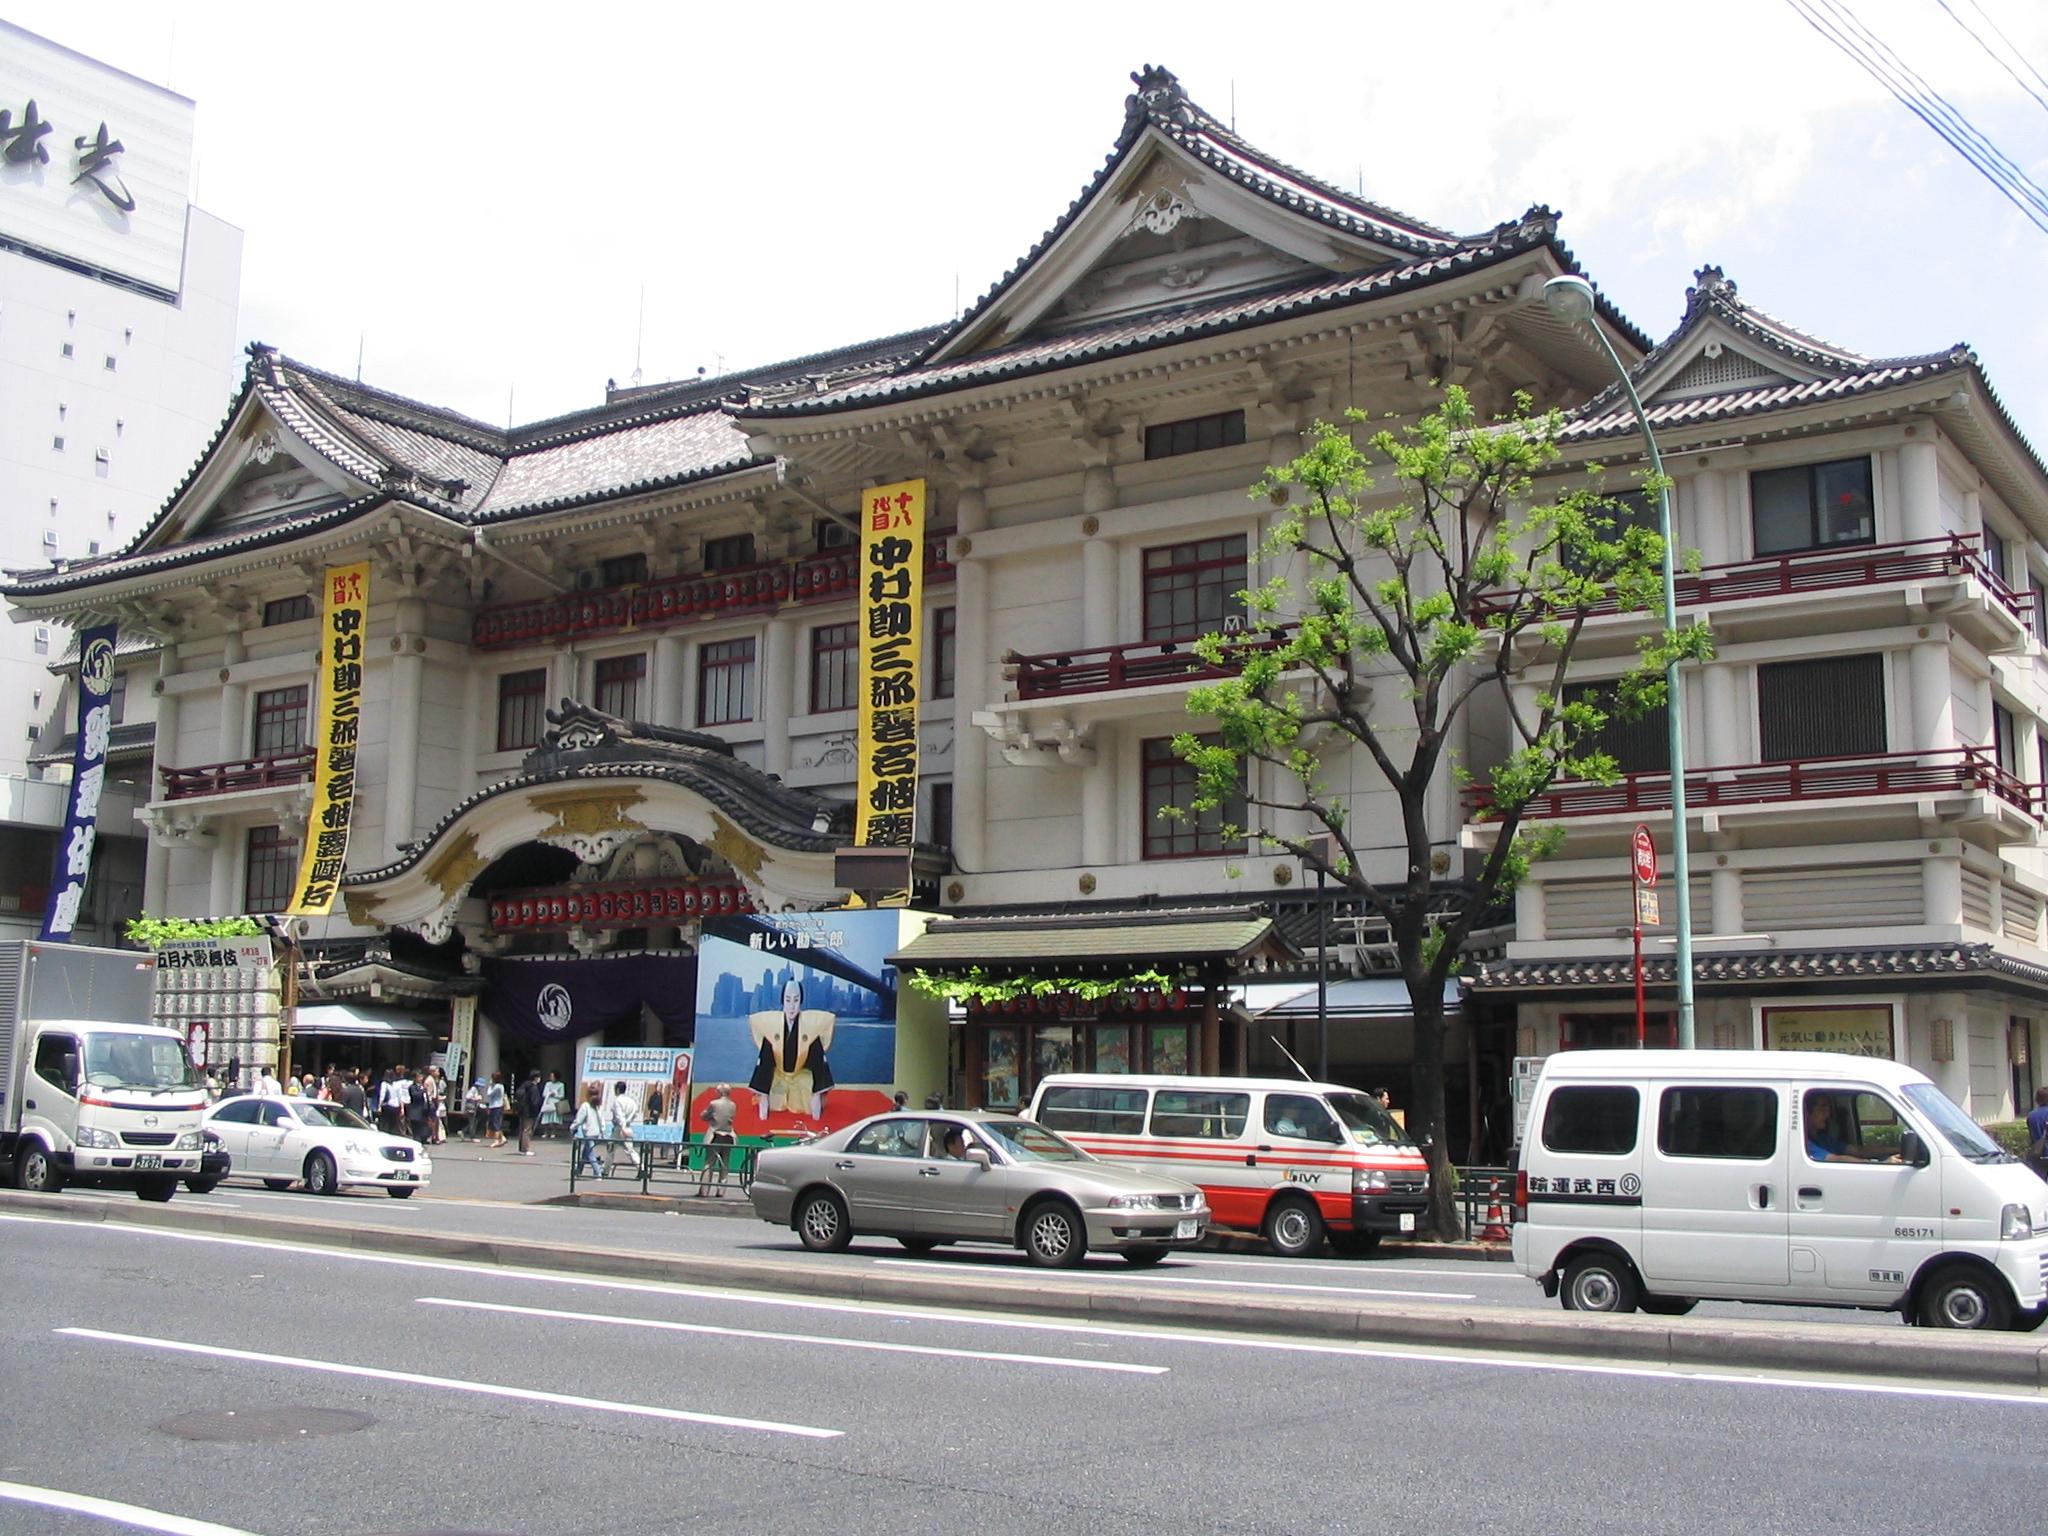 File:Tokyo Kabuki-za-Theatre 1831.jpg